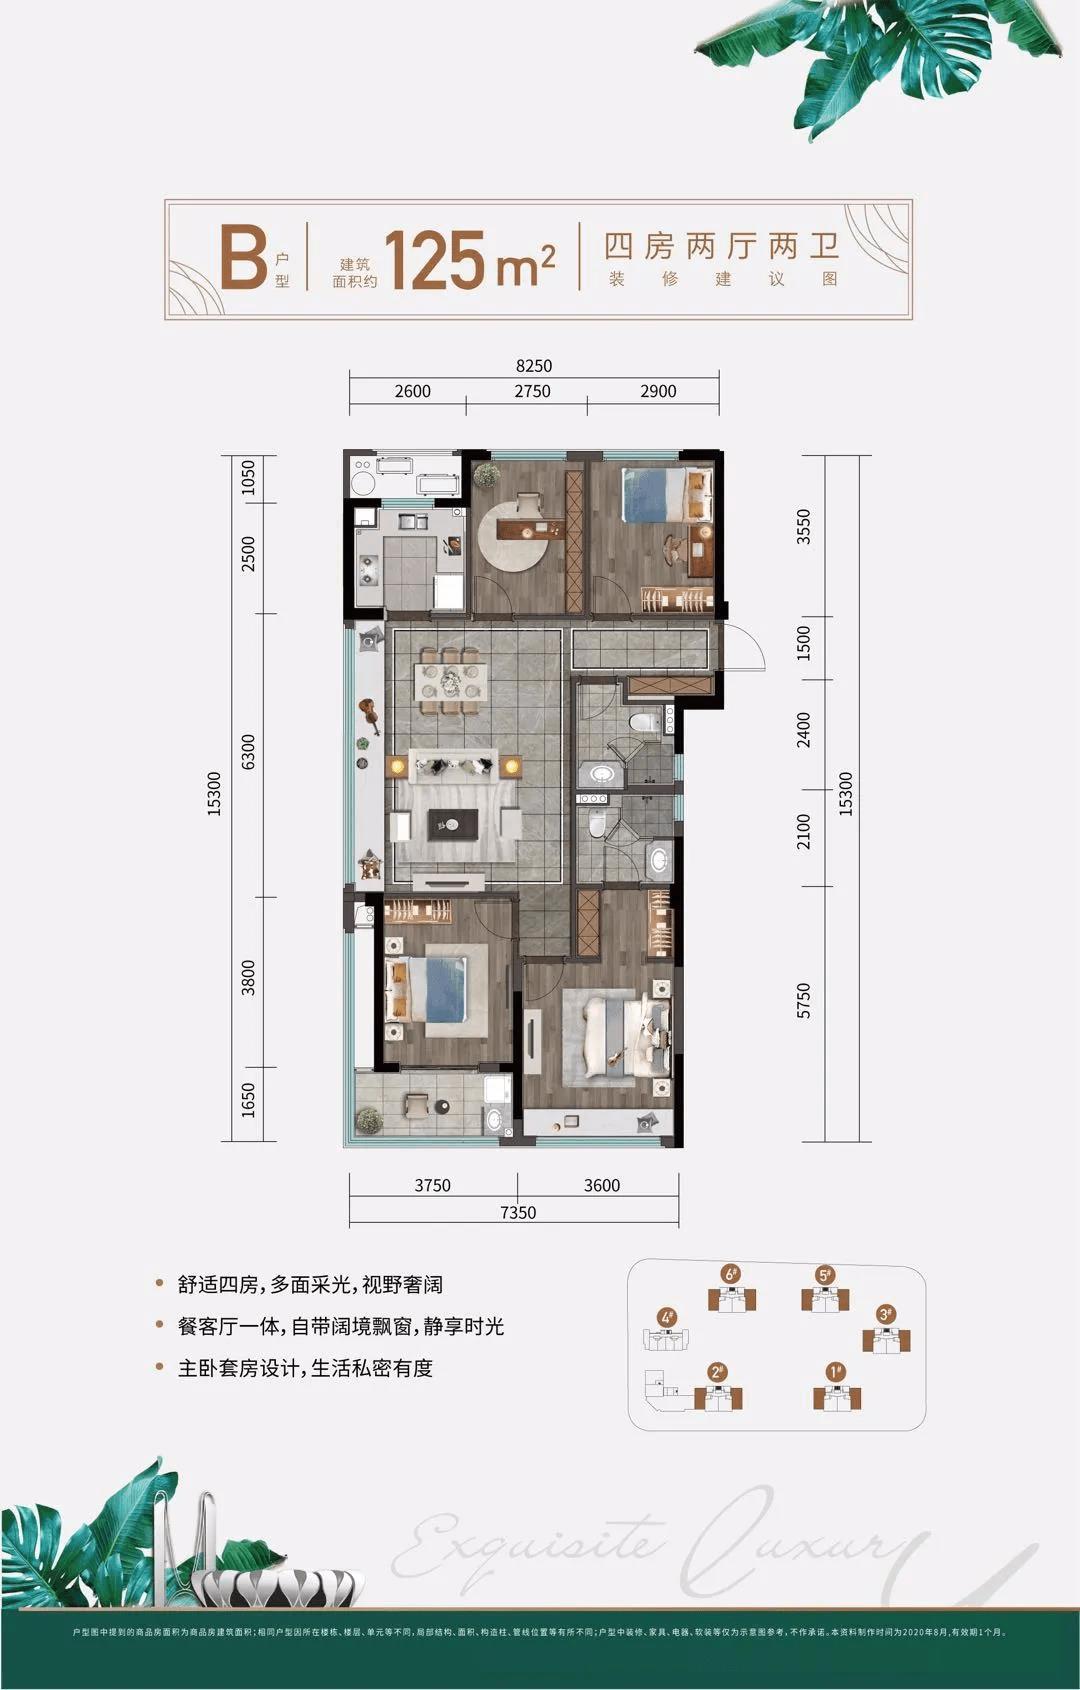 福利一区带来的都是寓居品质感插图(4)